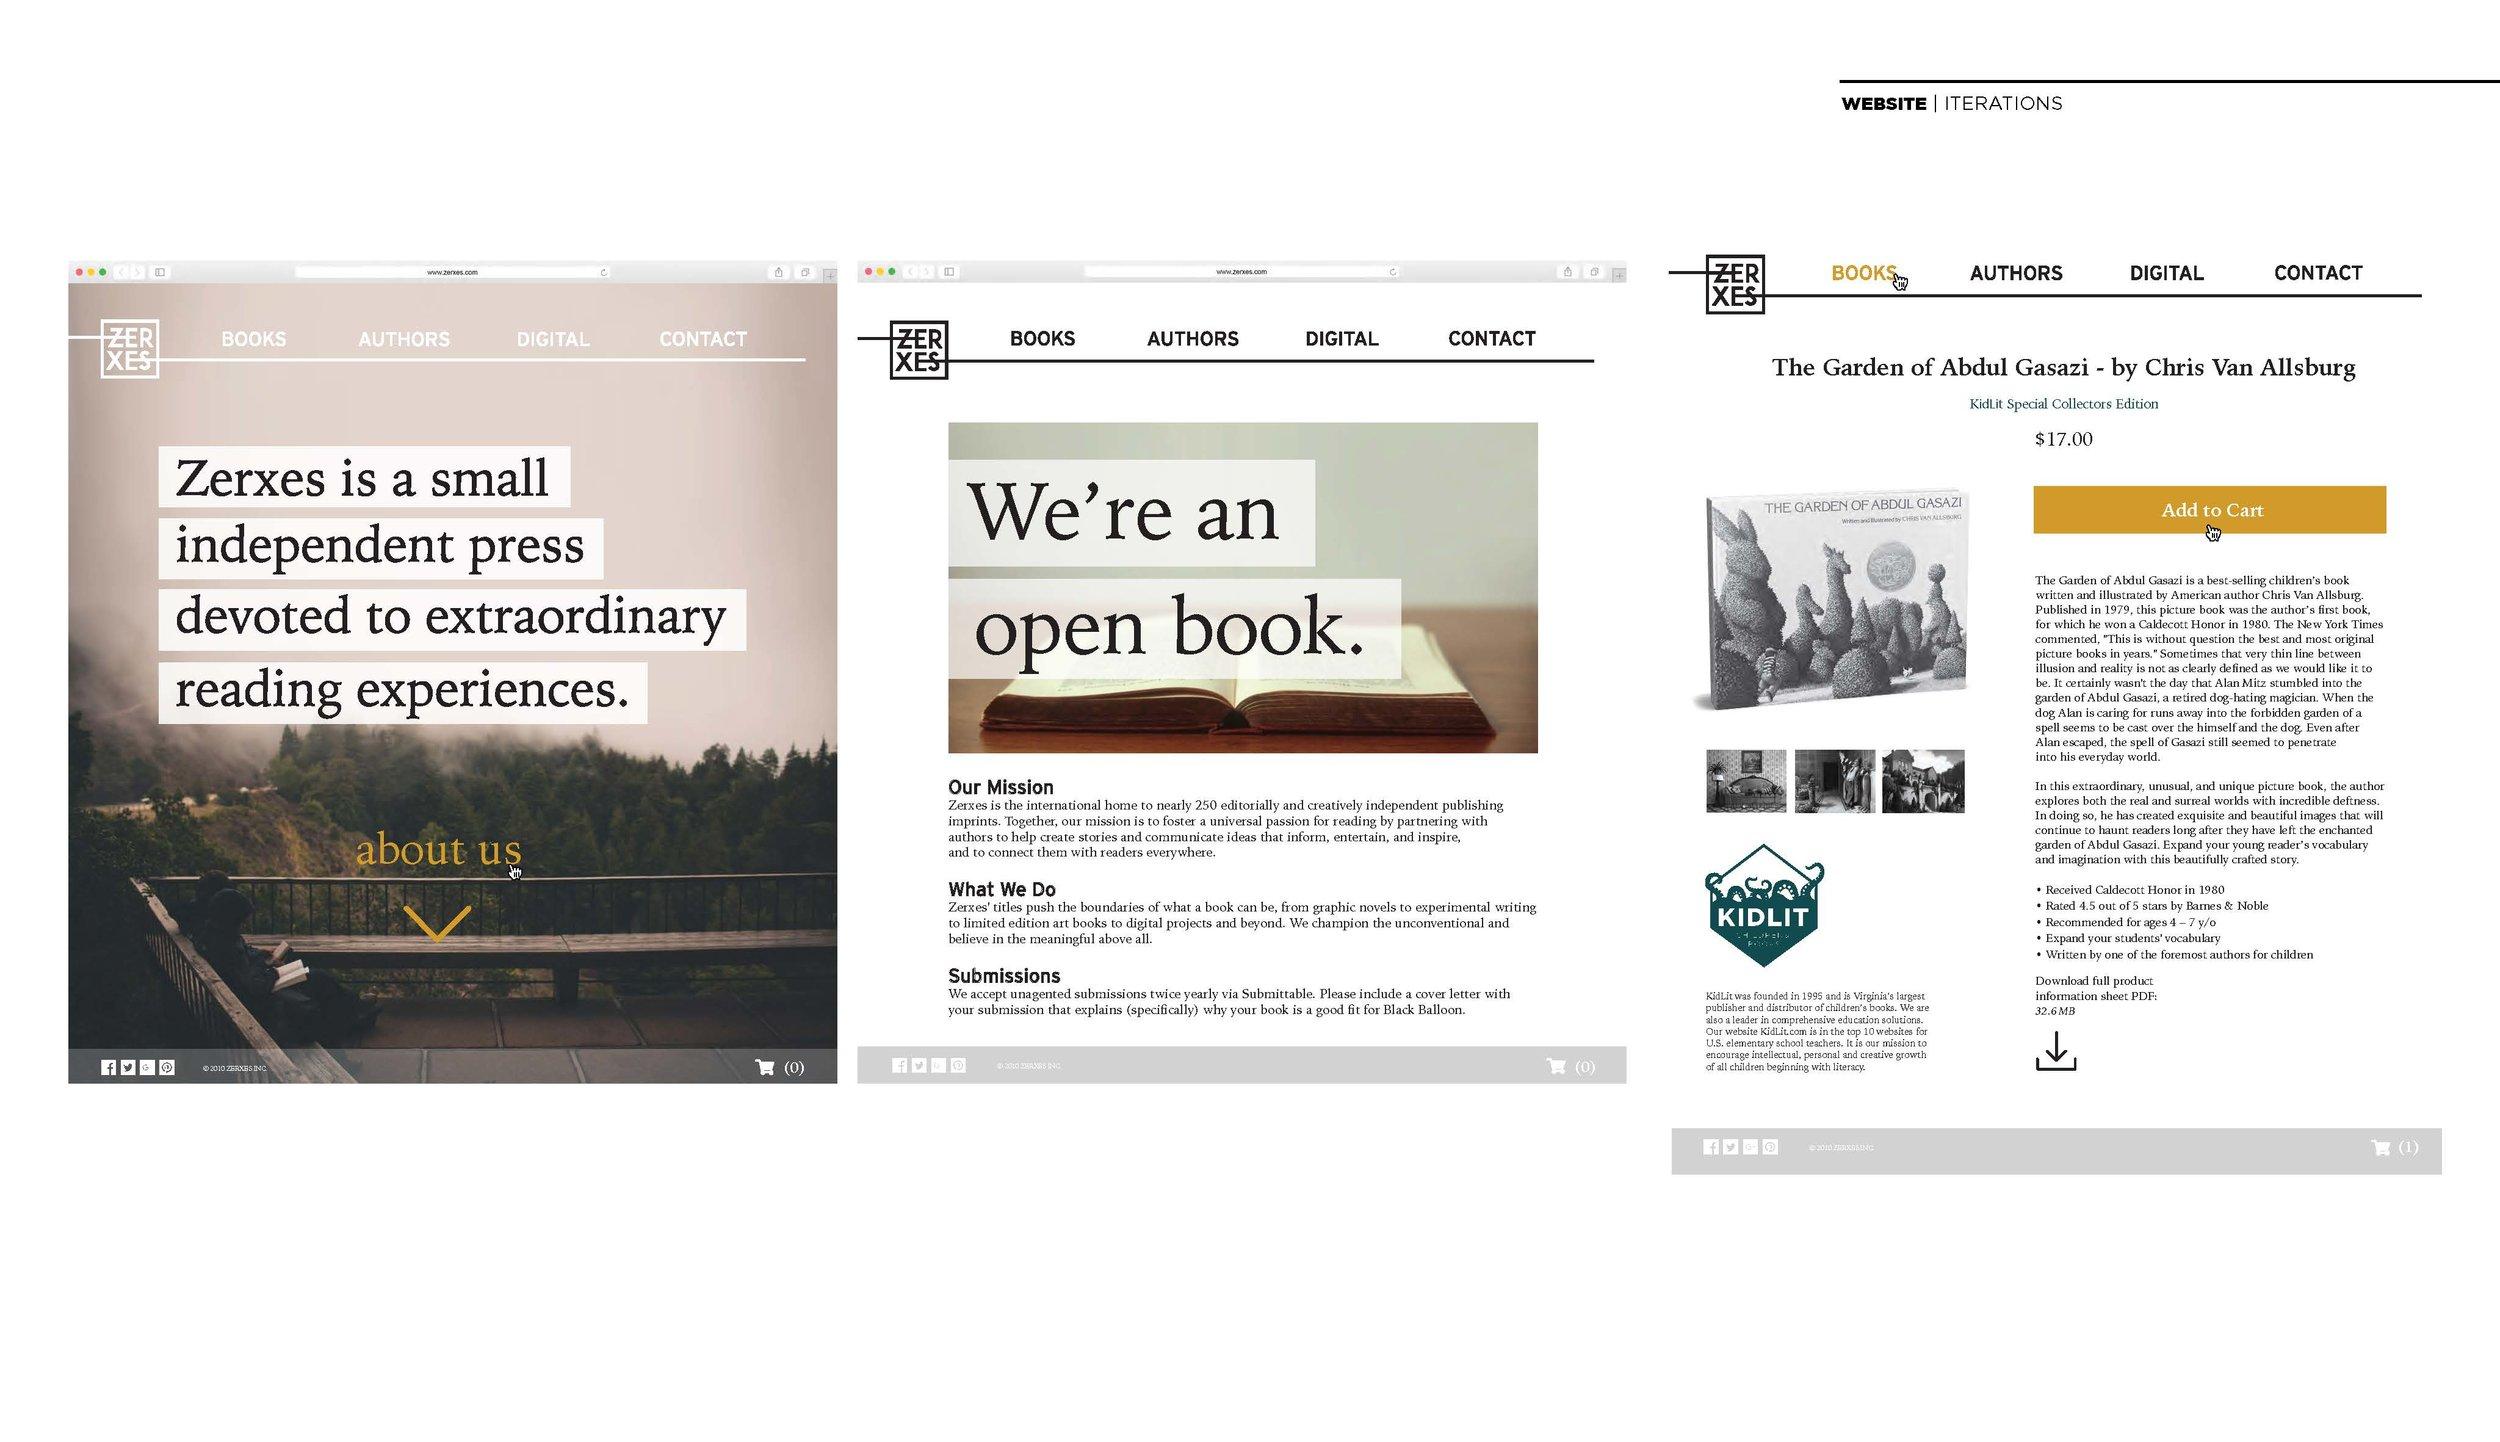 zerxes+design+process_Page_23.jpg